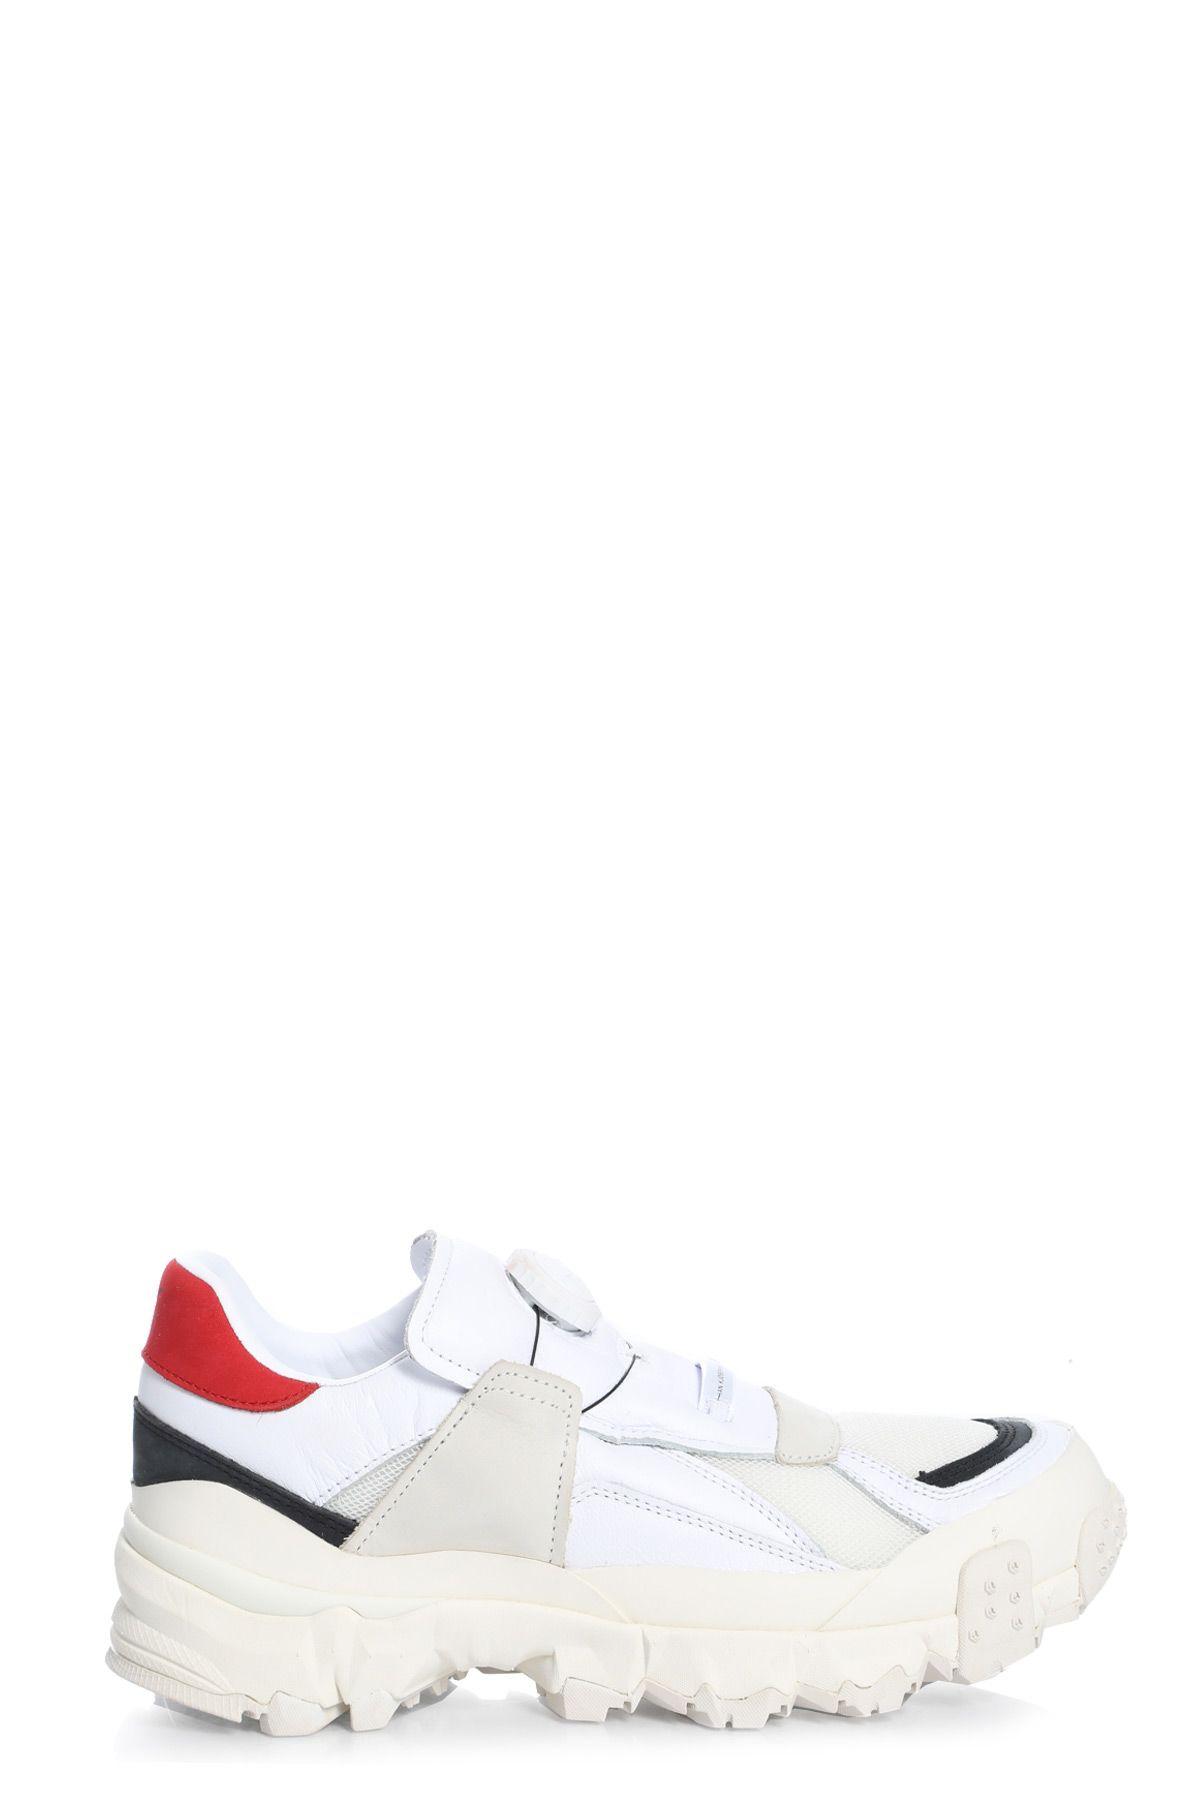 PUMA X HAN KJOBENHAVN Sneakers in Bianco